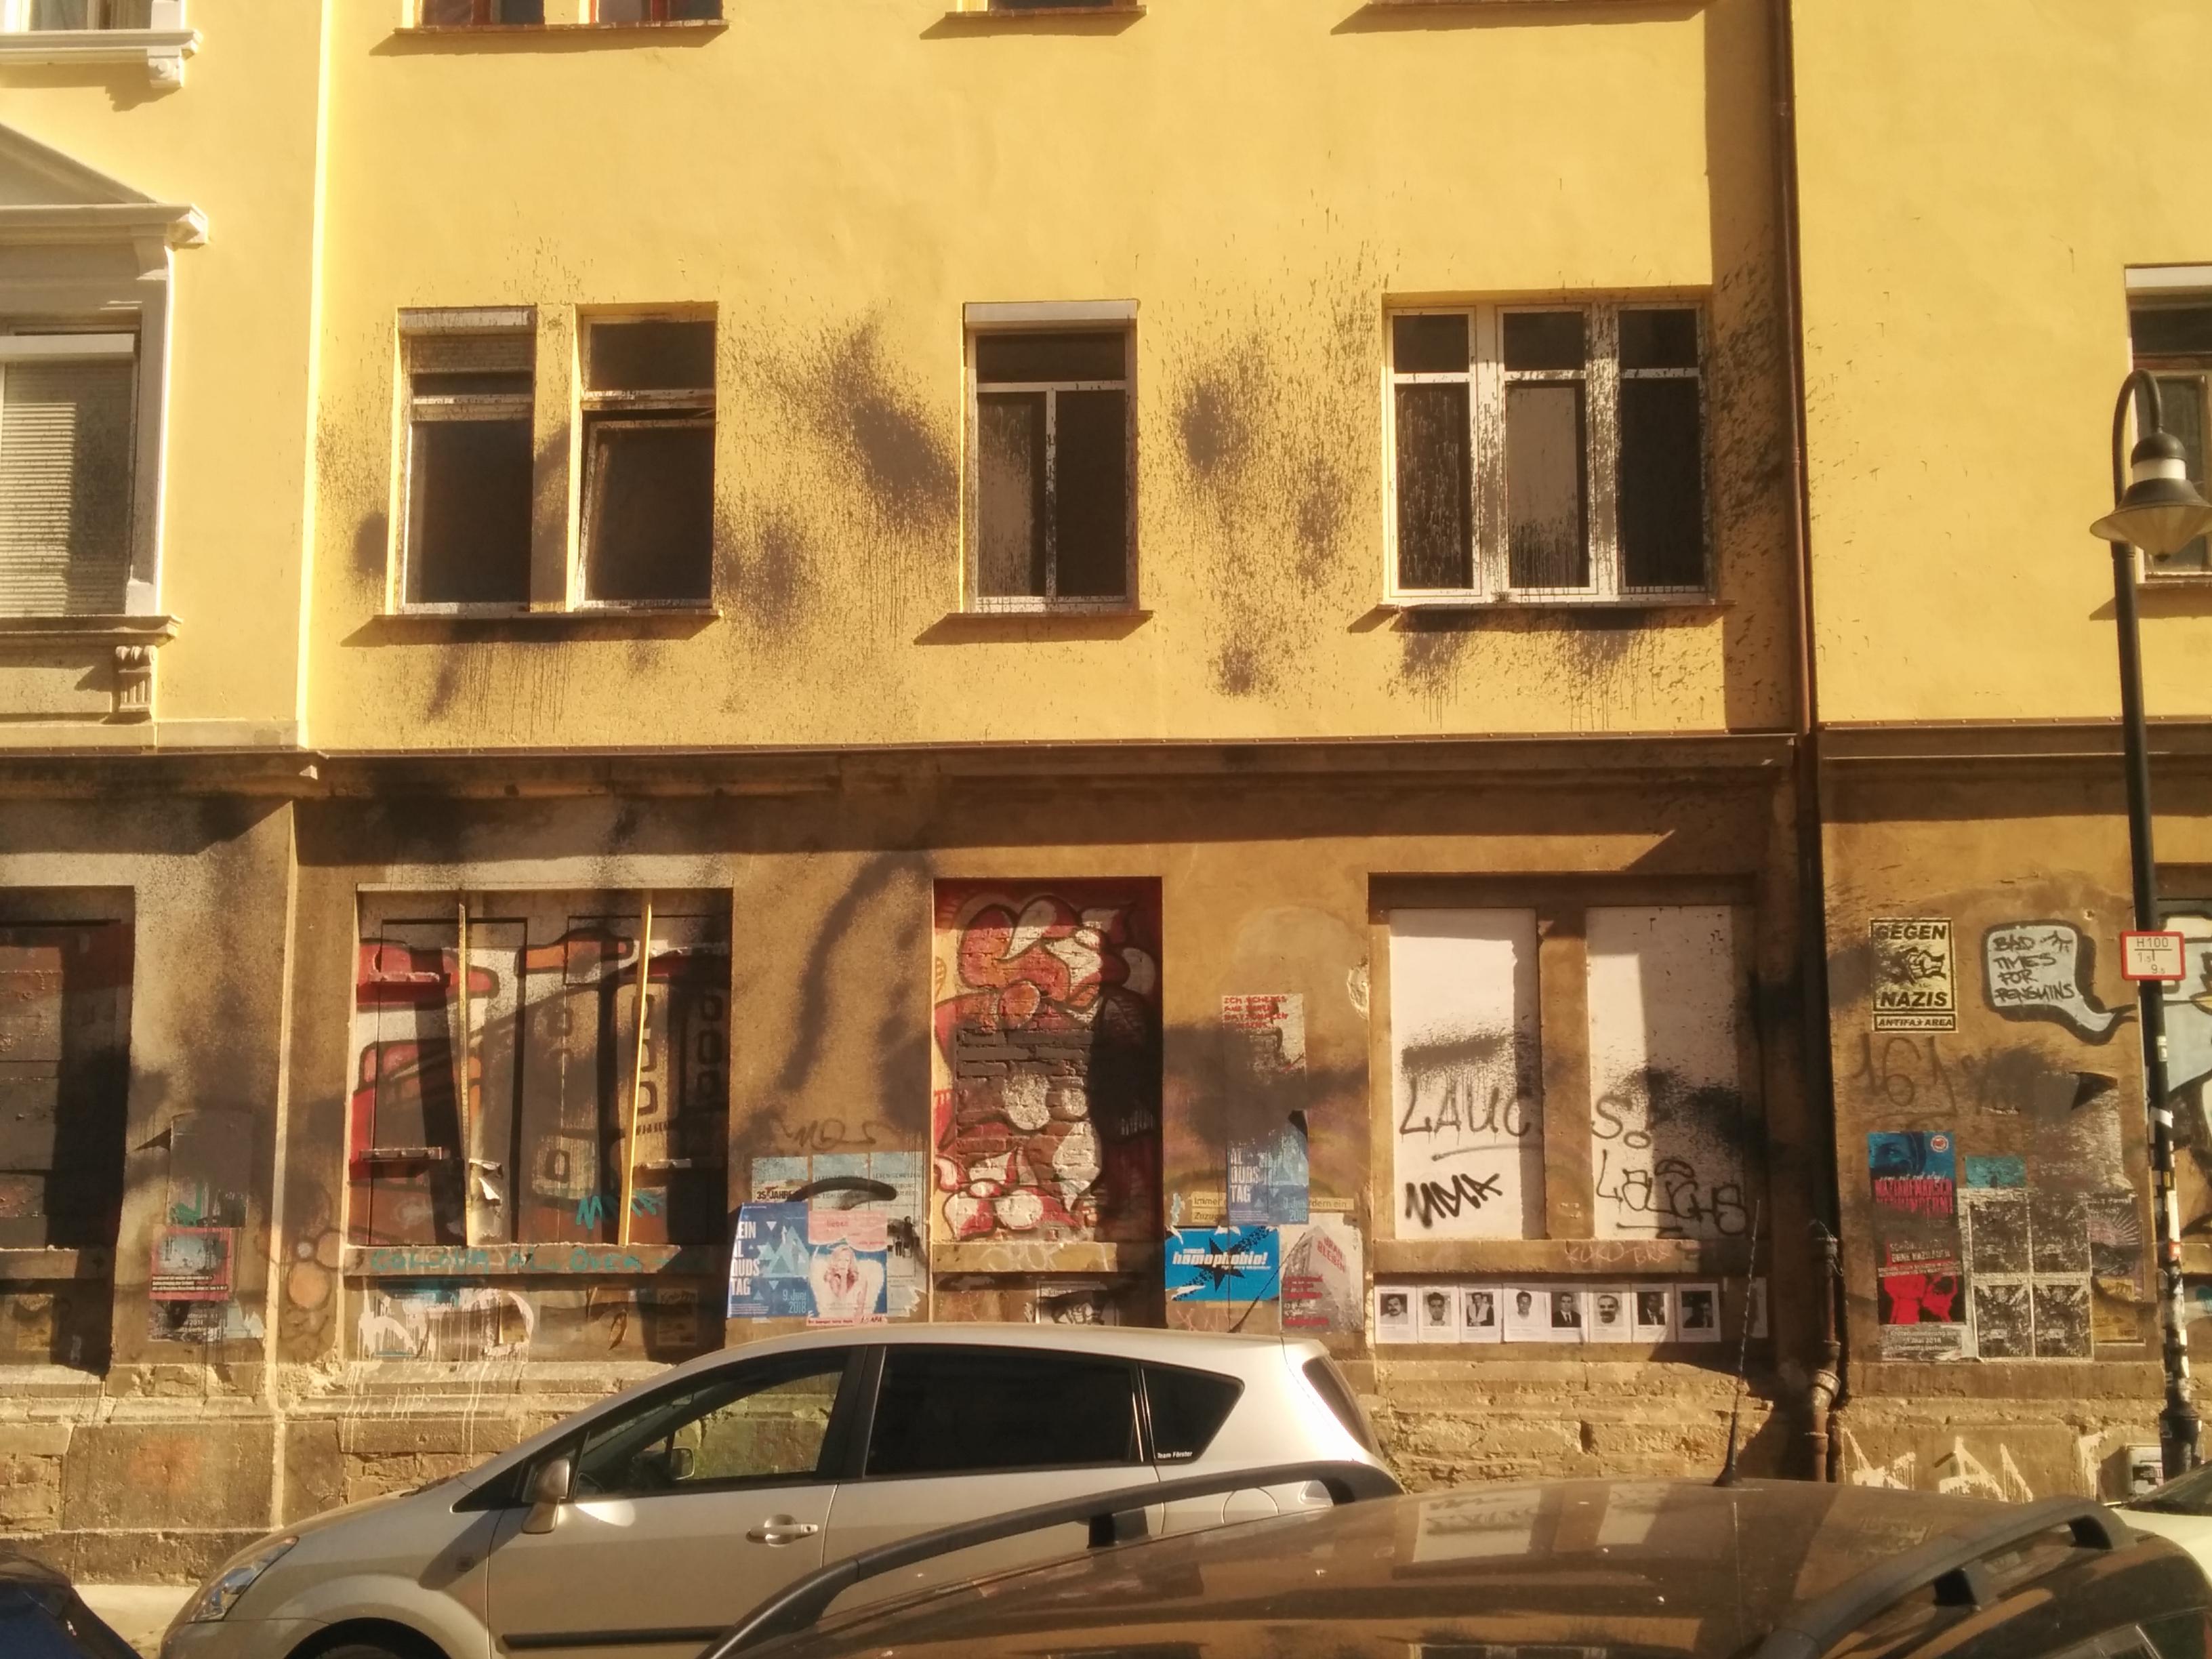 Farbe an Fassade und Fenster